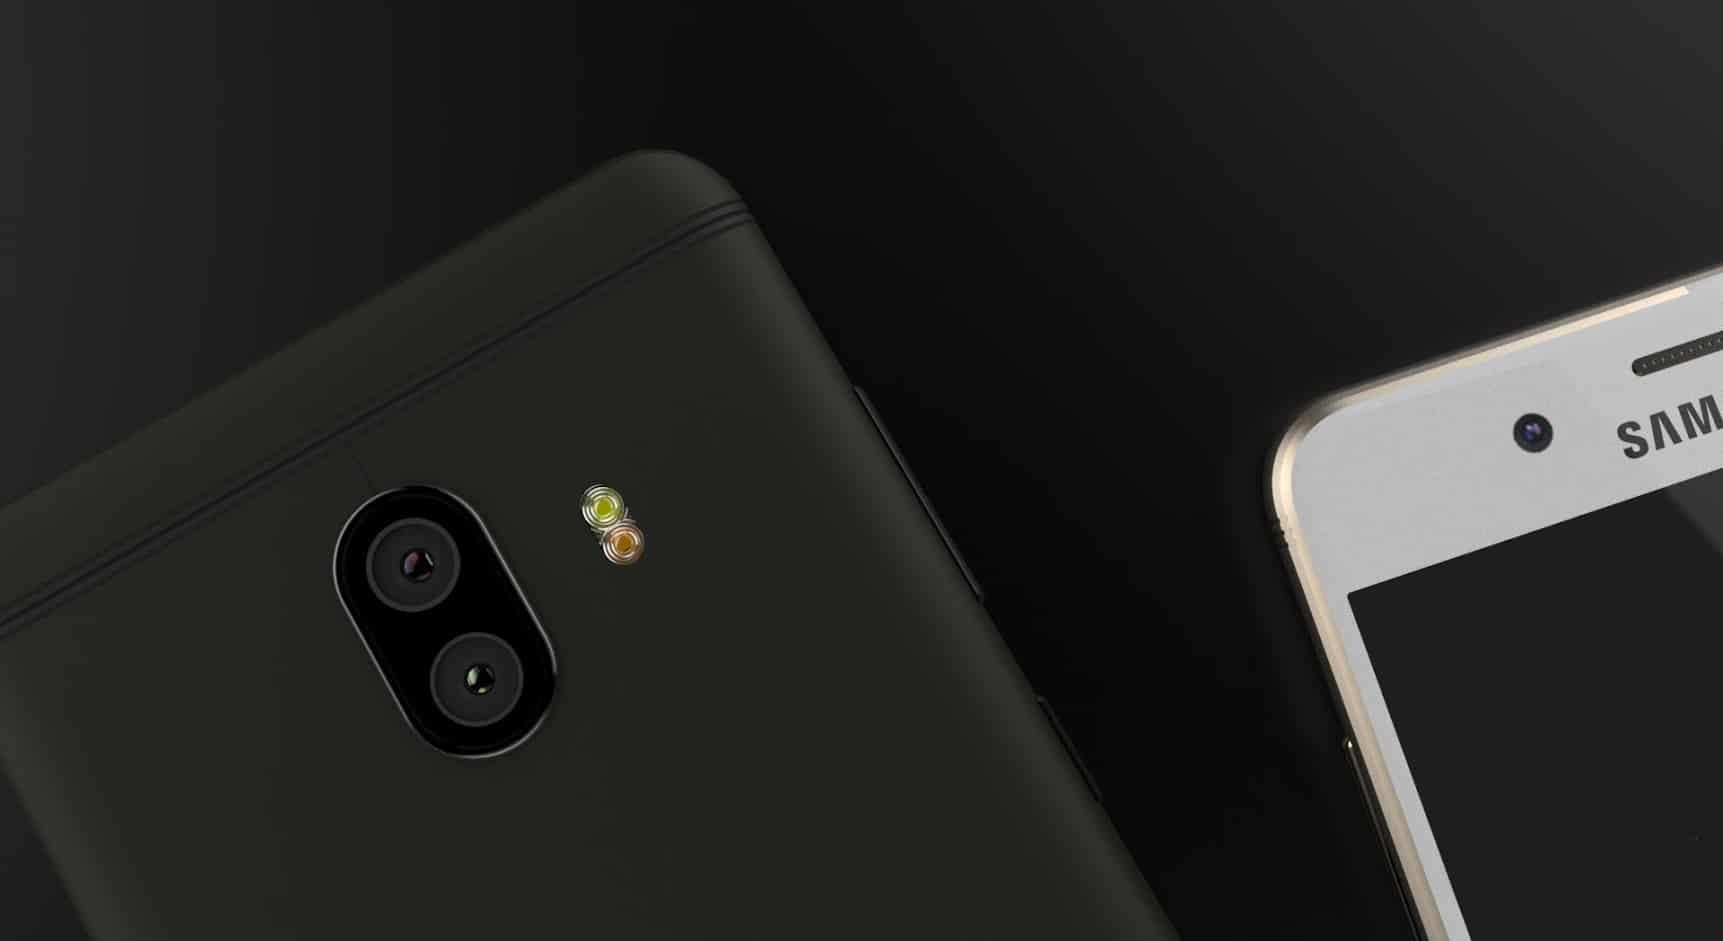 Samsung anuncia oficialmente o Galaxy J7 duo